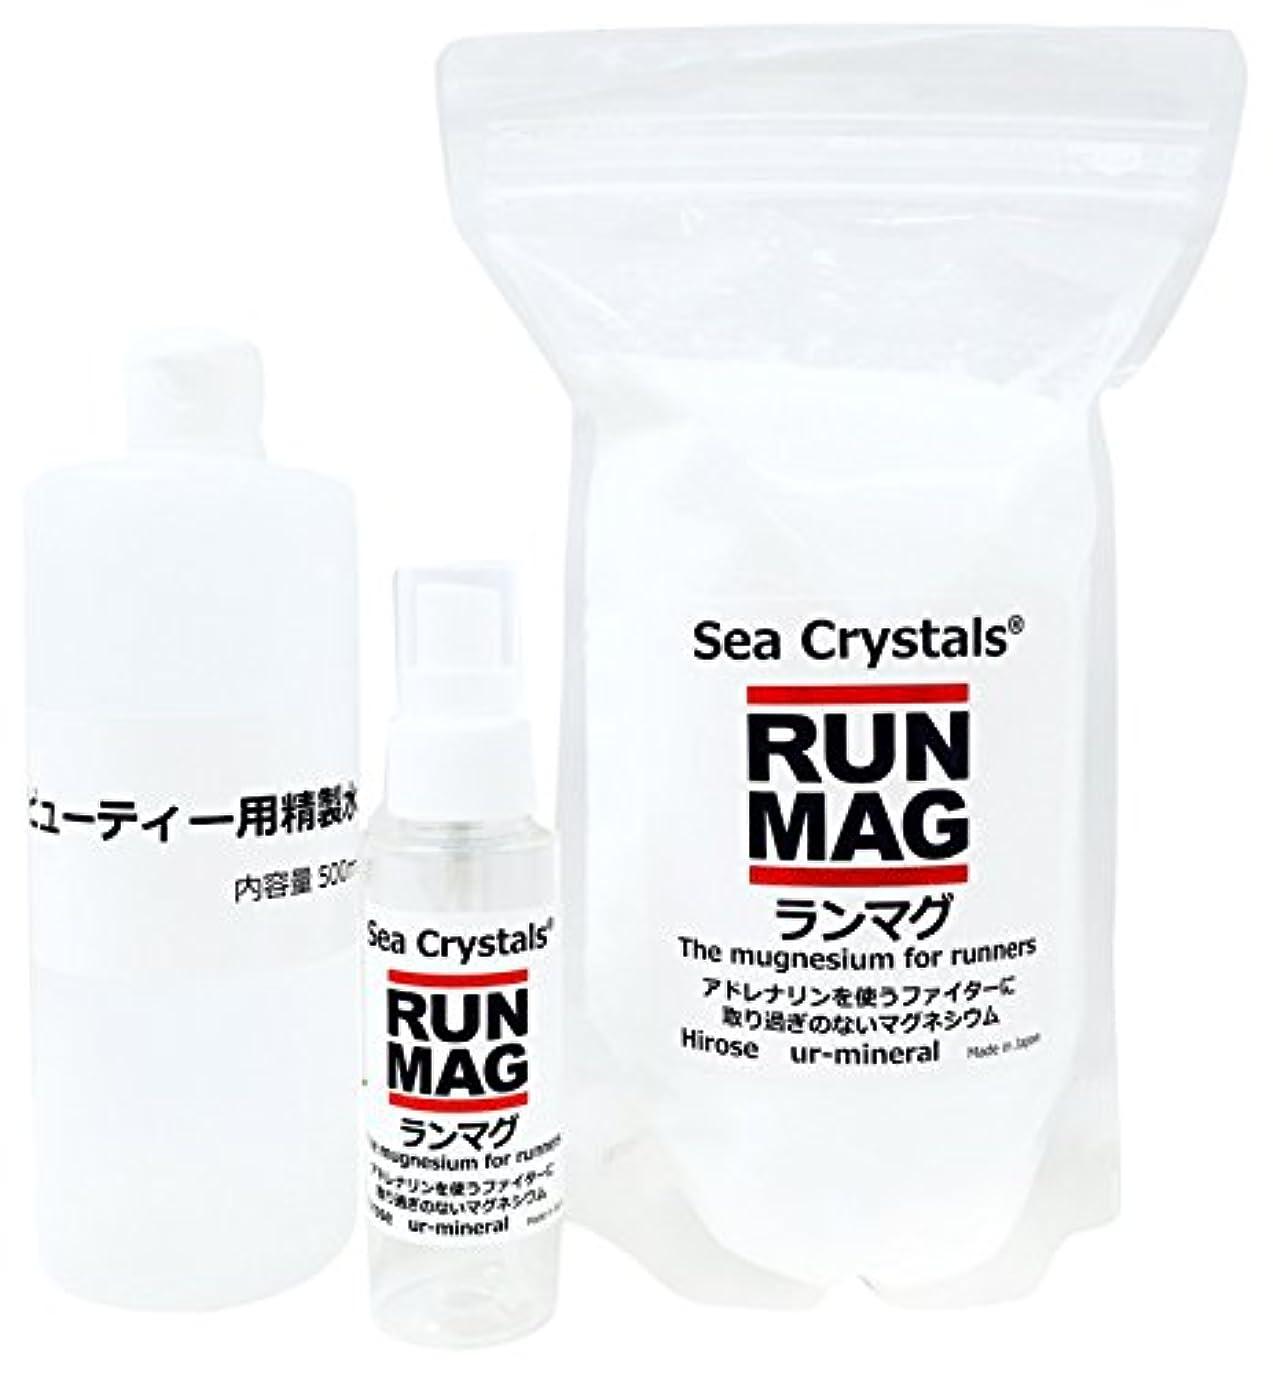 汚染された眠っている冷酷なランマグ?マグネシウムオイル 500g 化粧品登録 日本製 1日マグネシウム360mg使用  精製水付き